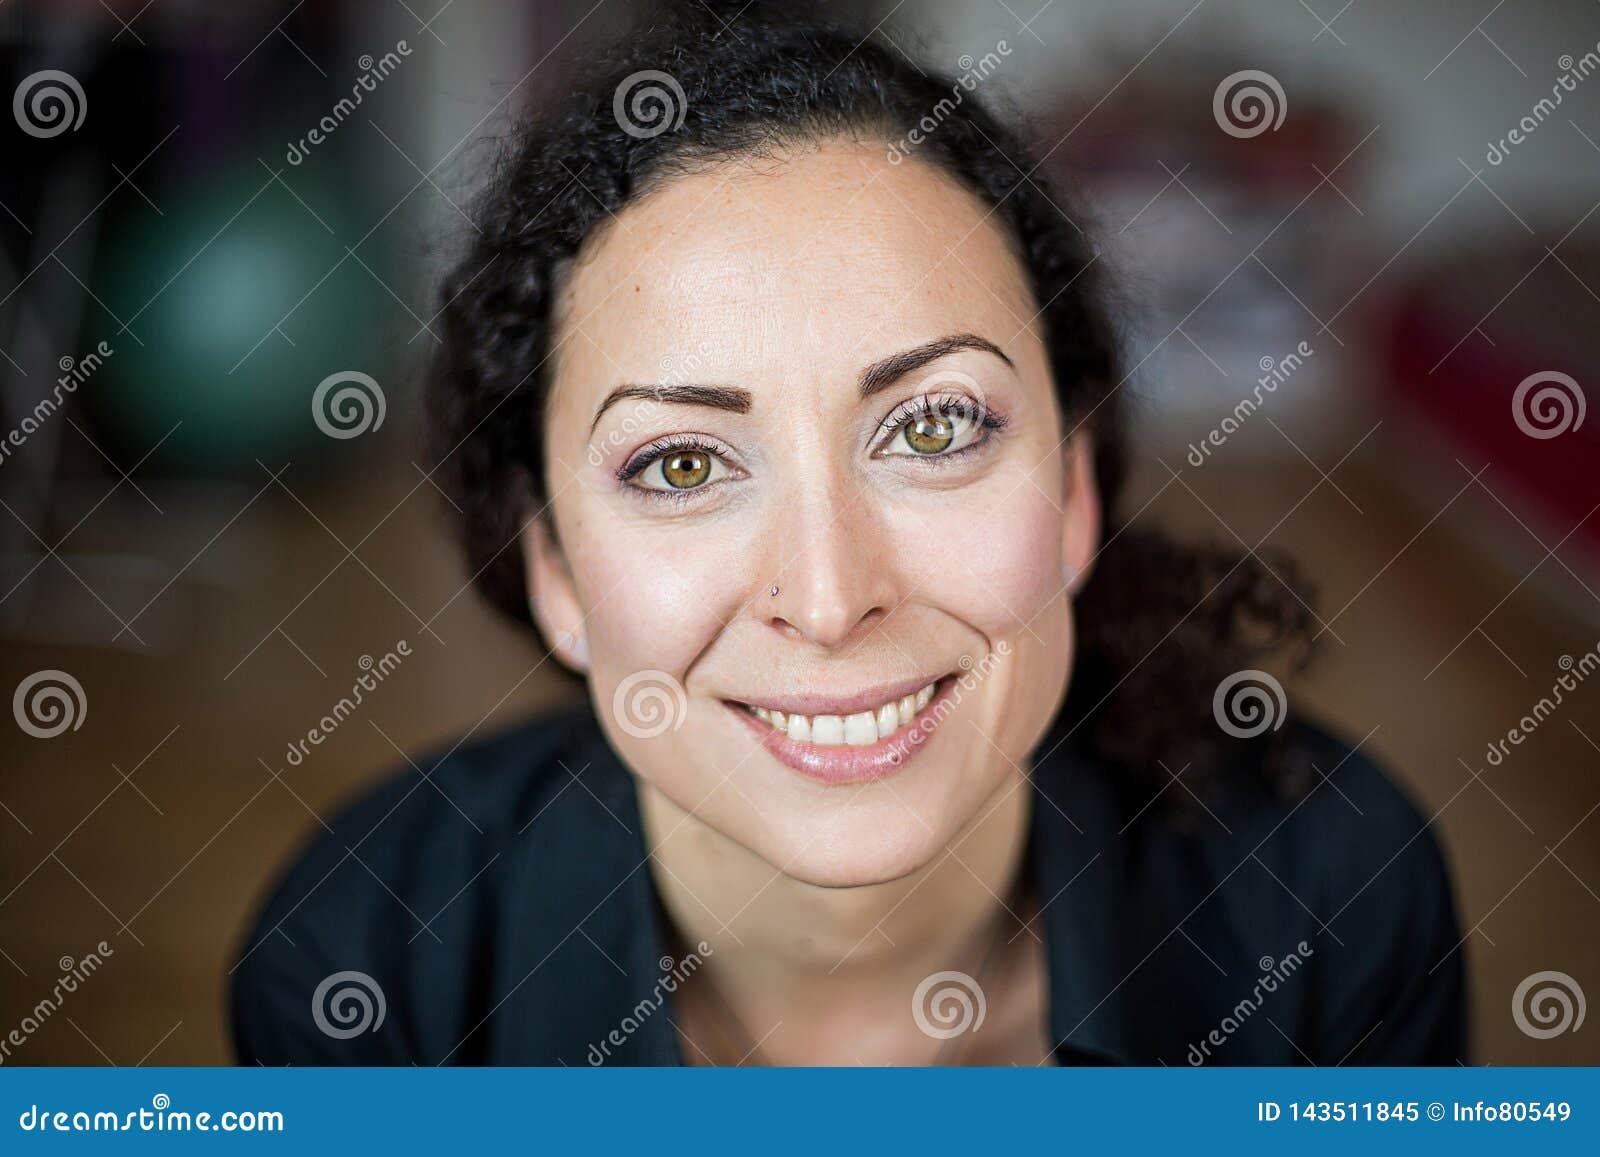 Mujer sonriente, alegre y amistosa con los ojos verdes con un fondo colorido